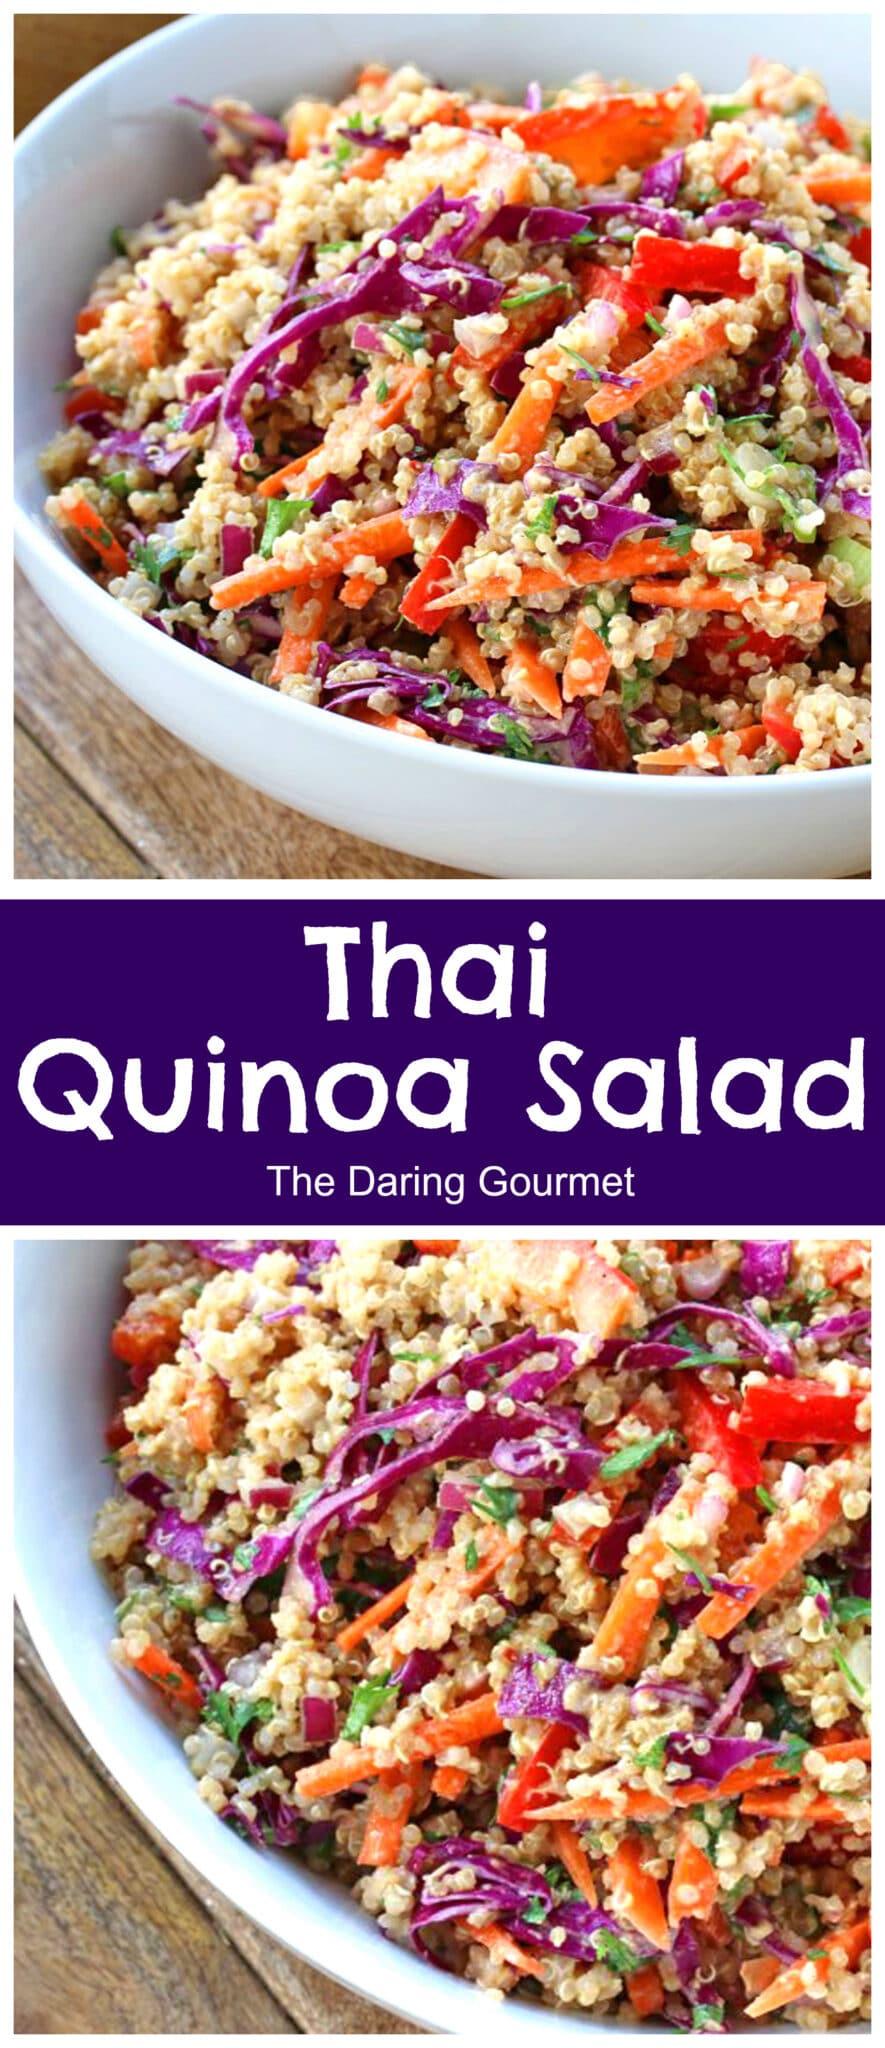 thai quinoa salad recipe peanut sauce dressing vegetarian vegan gluten free